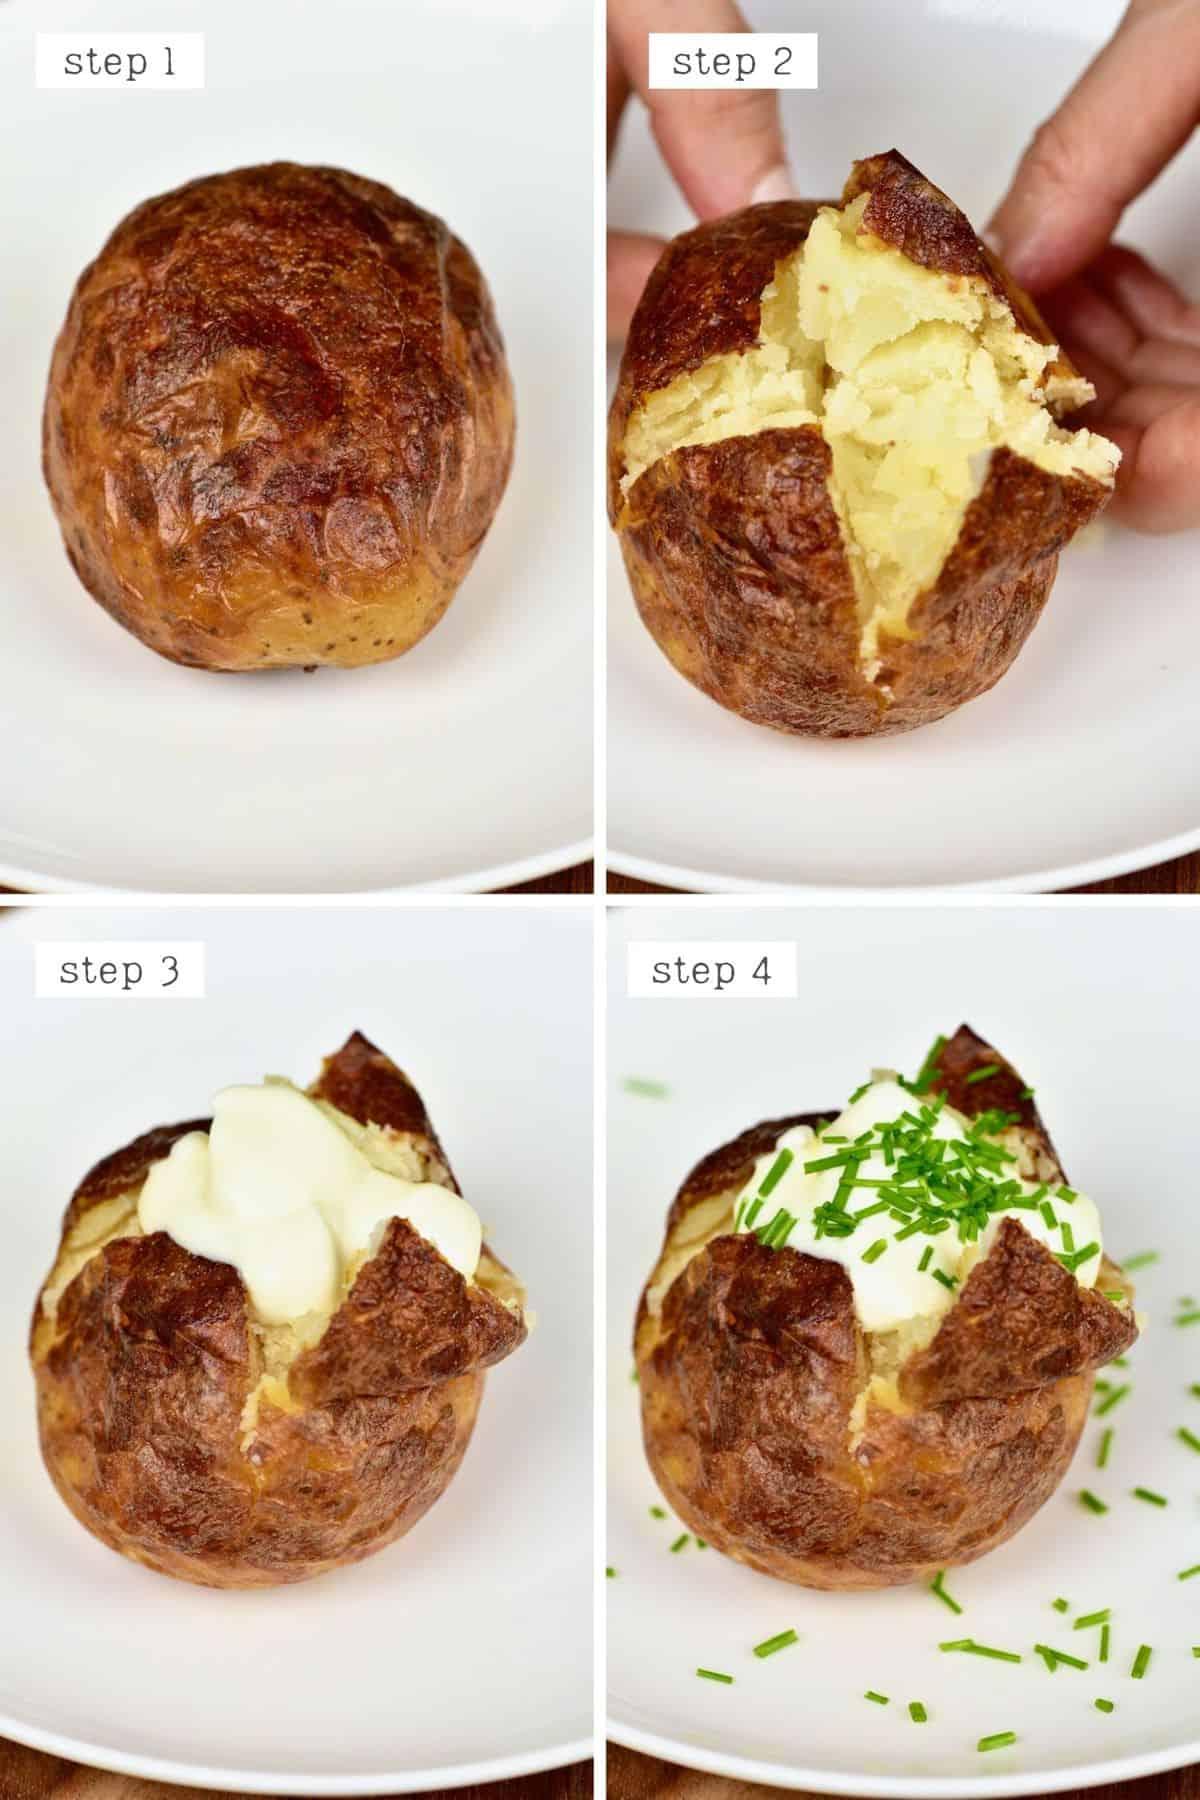 Steps for serving salt baked potatoes